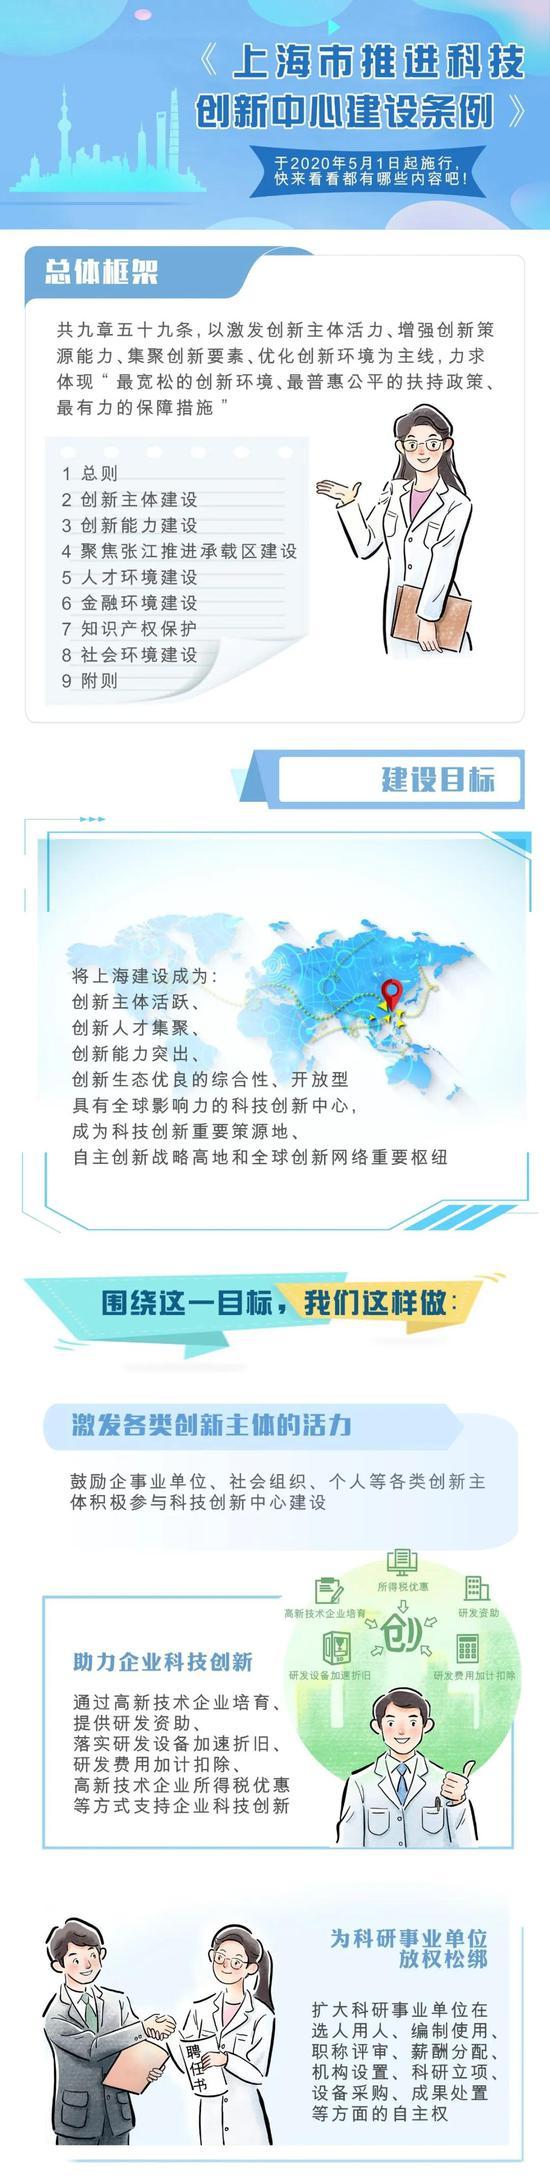 《上海出台新条例 大力推进科技创新中心建设 5月1日起施行》